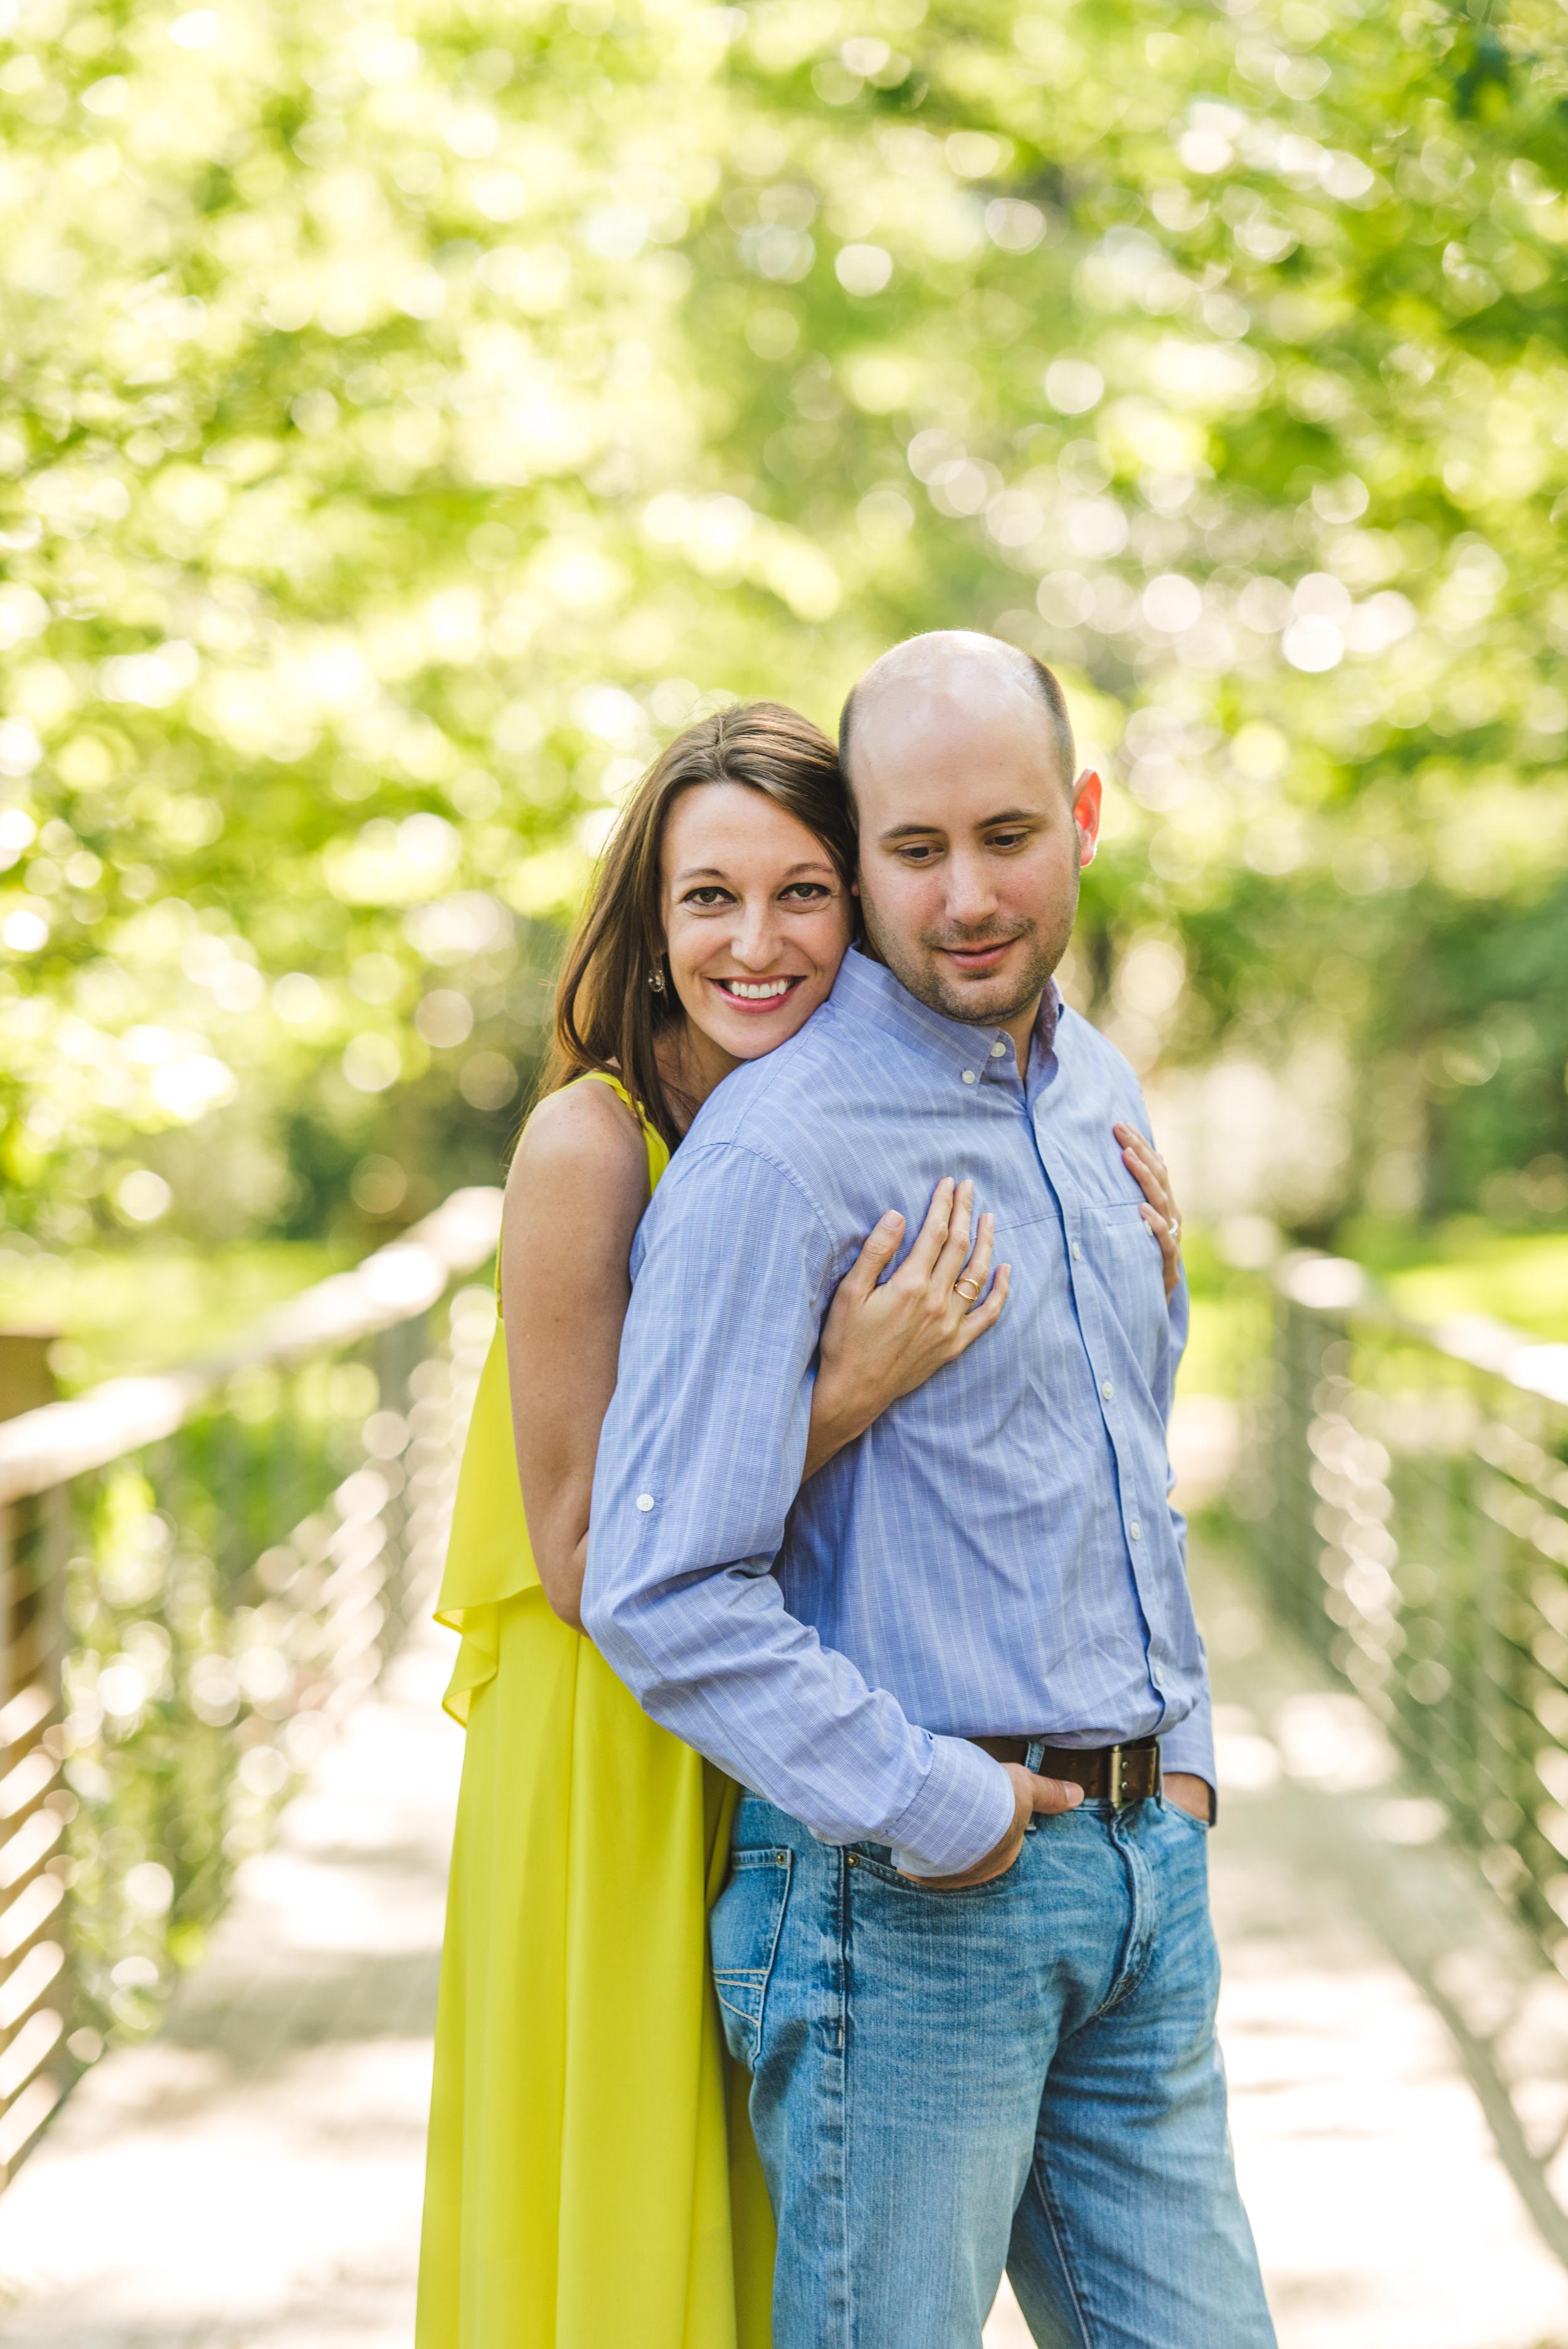 Baton Rouge Engagement Photography Session